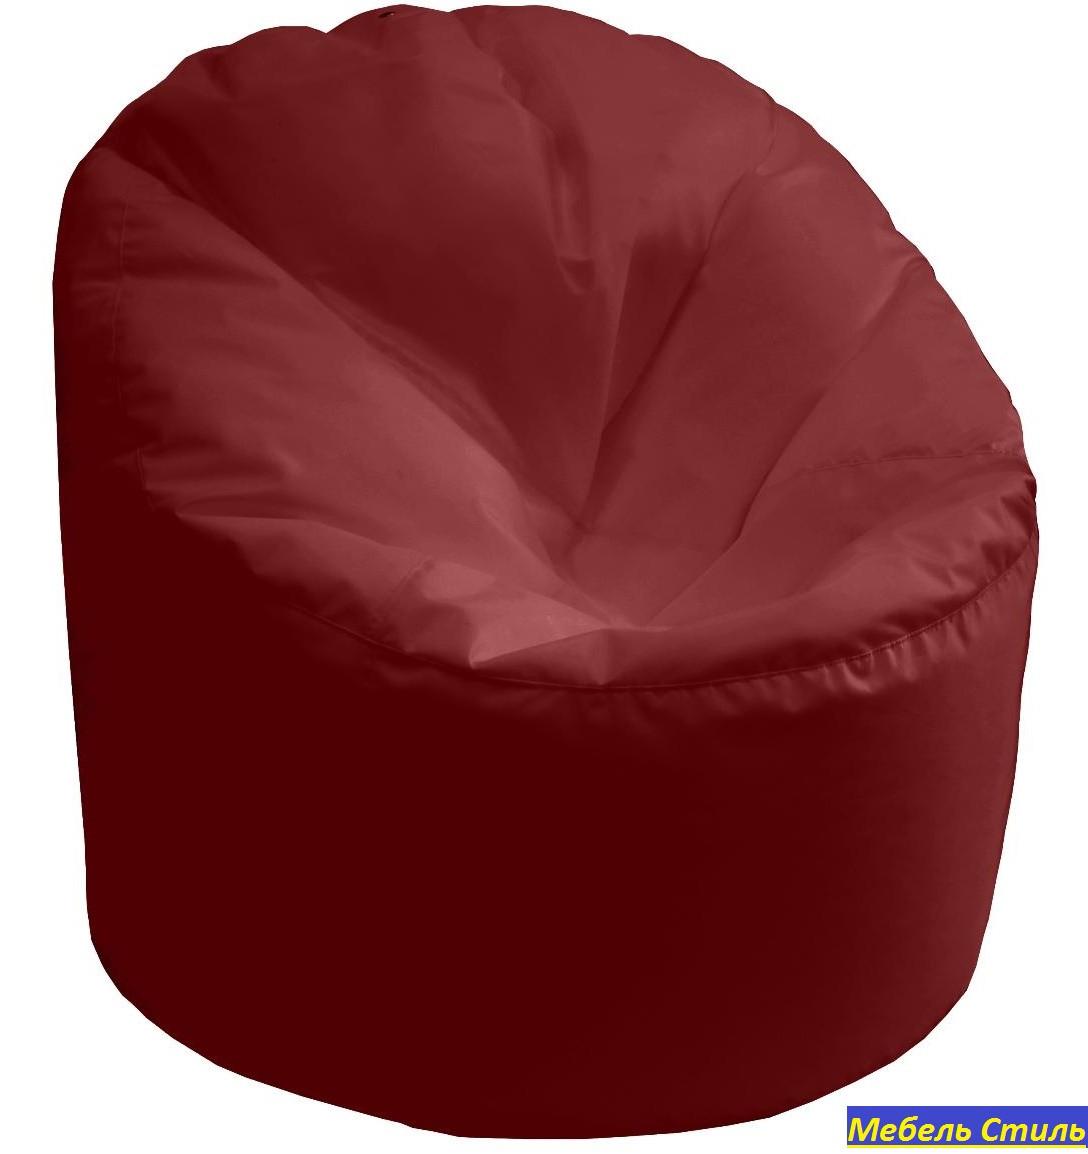 Пуф-мешок Пенек БМО14 бордовый 90х80